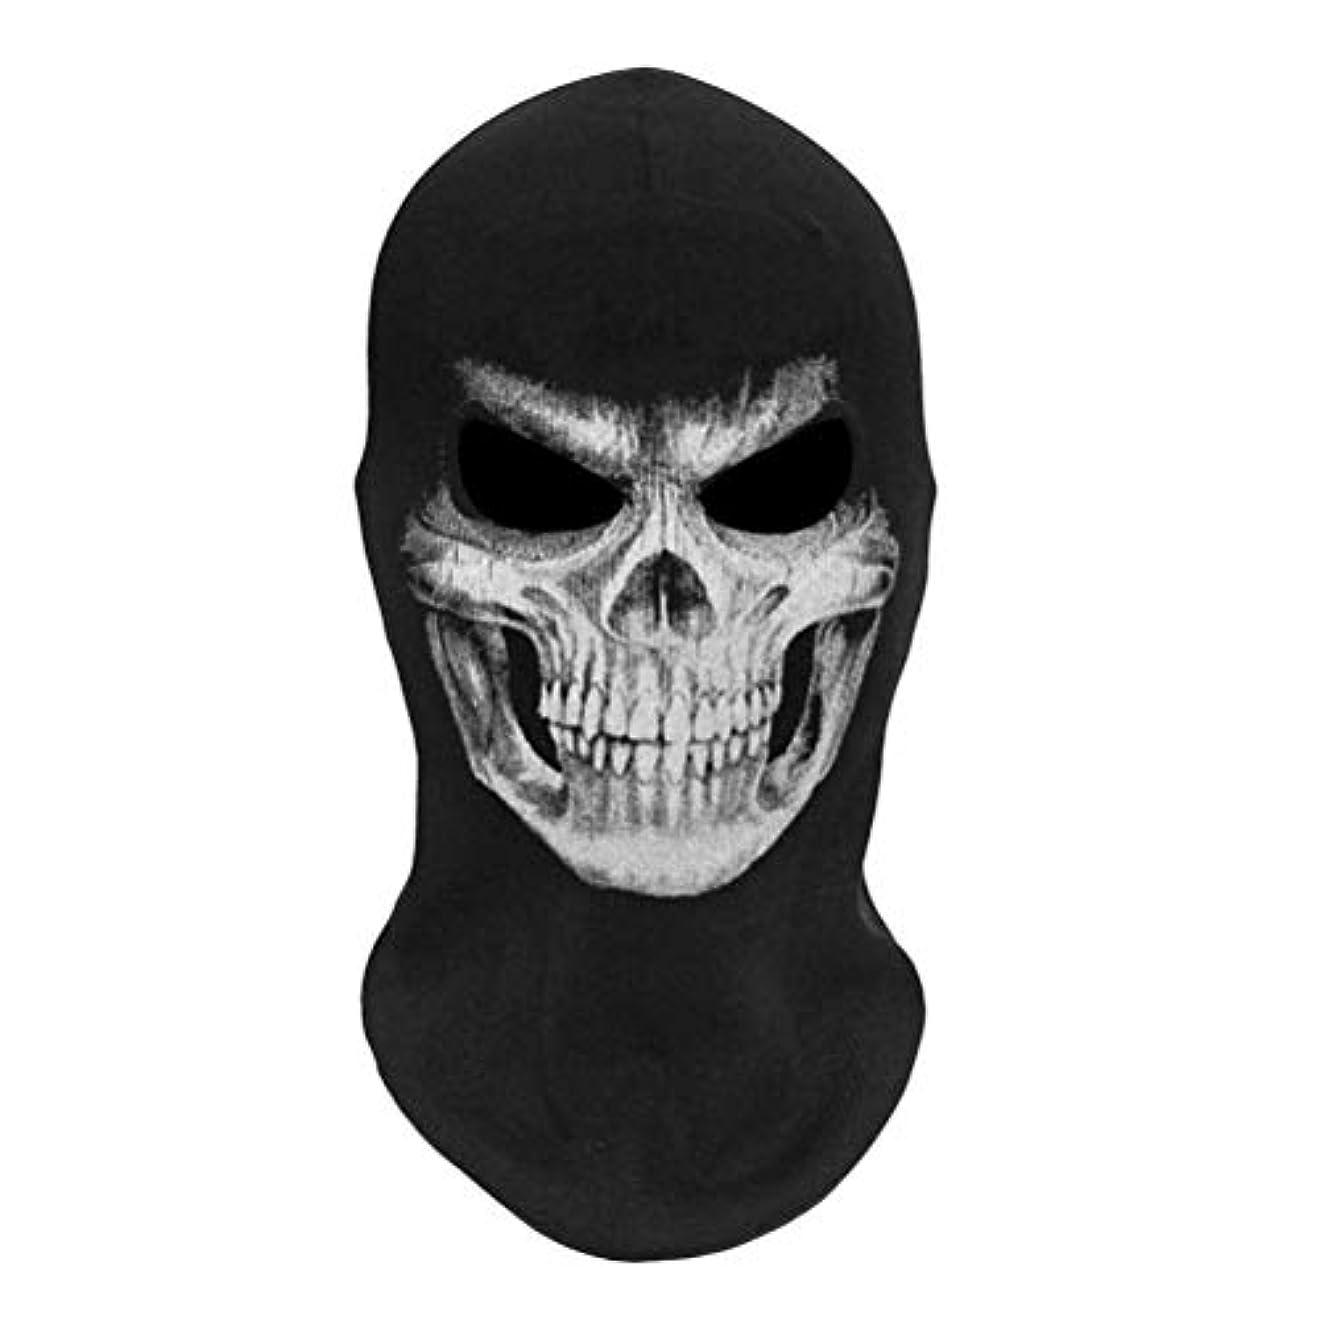 角度パンダ路地TAIPPAN ハロウィン3Dスケルトンマスク怖いスケルトンバラクラバゴーストコスプレ衣装ハロウィンパーティーフルフェイスマスク